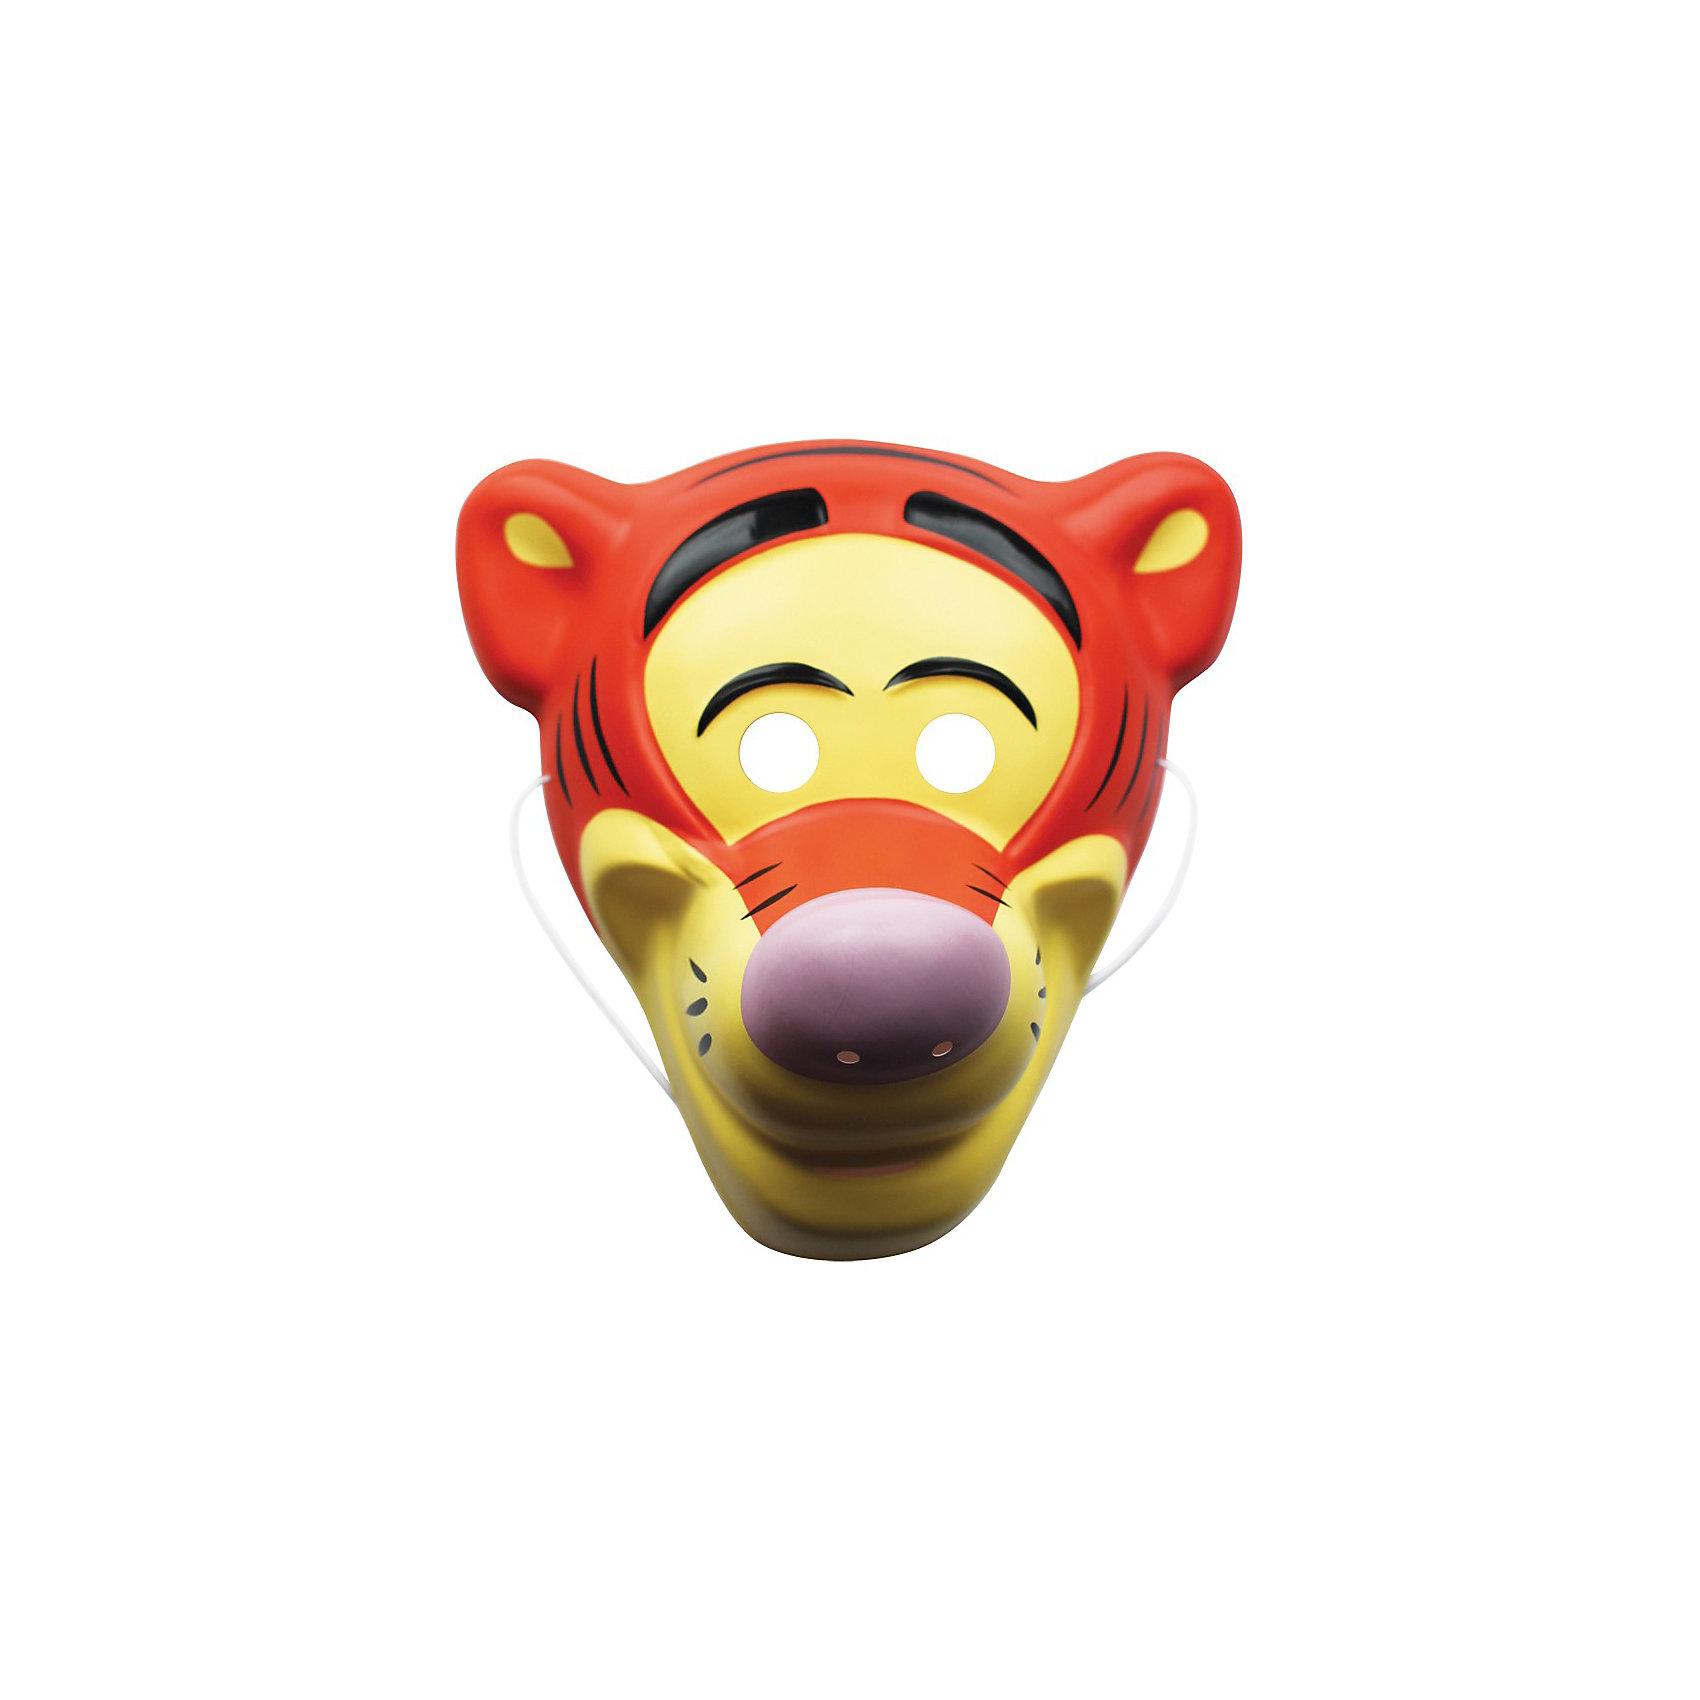 Маска Тигра, Винни Пух, РосмэнОтправляясь на детский праздник, почему бы не создать образ веселого Тигры из мультфильма «Винни-Пух»? Для этого пригодится маска, которую можно использовать даже в качестве единственного карнавального элемента в одежде малыша. Надев ее, юный участник костюмированного представления легко перевоплощается в любимого персонажа.&#13;<br><br>Дополнительная информация: <br><br>- Материал: пластик.<br>- Размер:  25 х 11 х 21 см.<br>- Маска на резинке (входит в комплект).<br><br>Маску Тигра, Винни Пух, Росмэн можно купить в нашем магазине.<br><br>Ширина мм: 250<br>Глубина мм: 110<br>Высота мм: 210<br>Вес г: 30<br>Возраст от месяцев: 36<br>Возраст до месяцев: 108<br>Пол: Унисекс<br>Возраст: Детский<br>SKU: 3825972